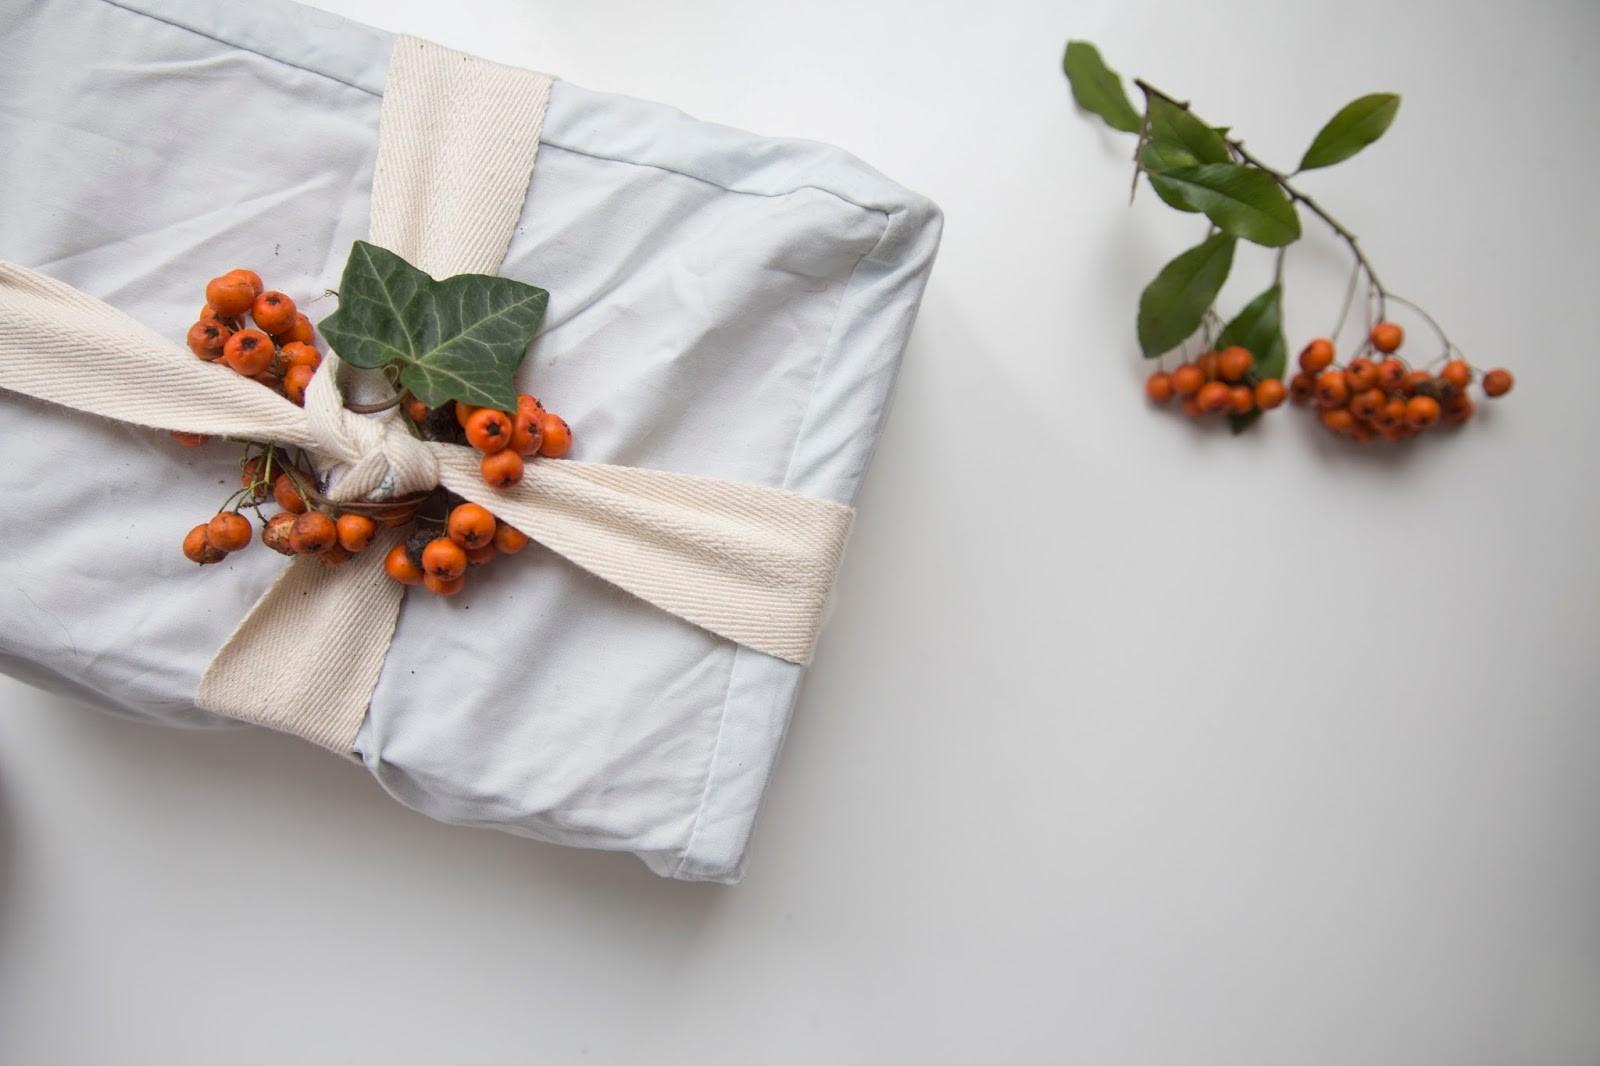 Quel que soit le cadeau, envisagez de l'envelopper dans un tissu réutilisable.